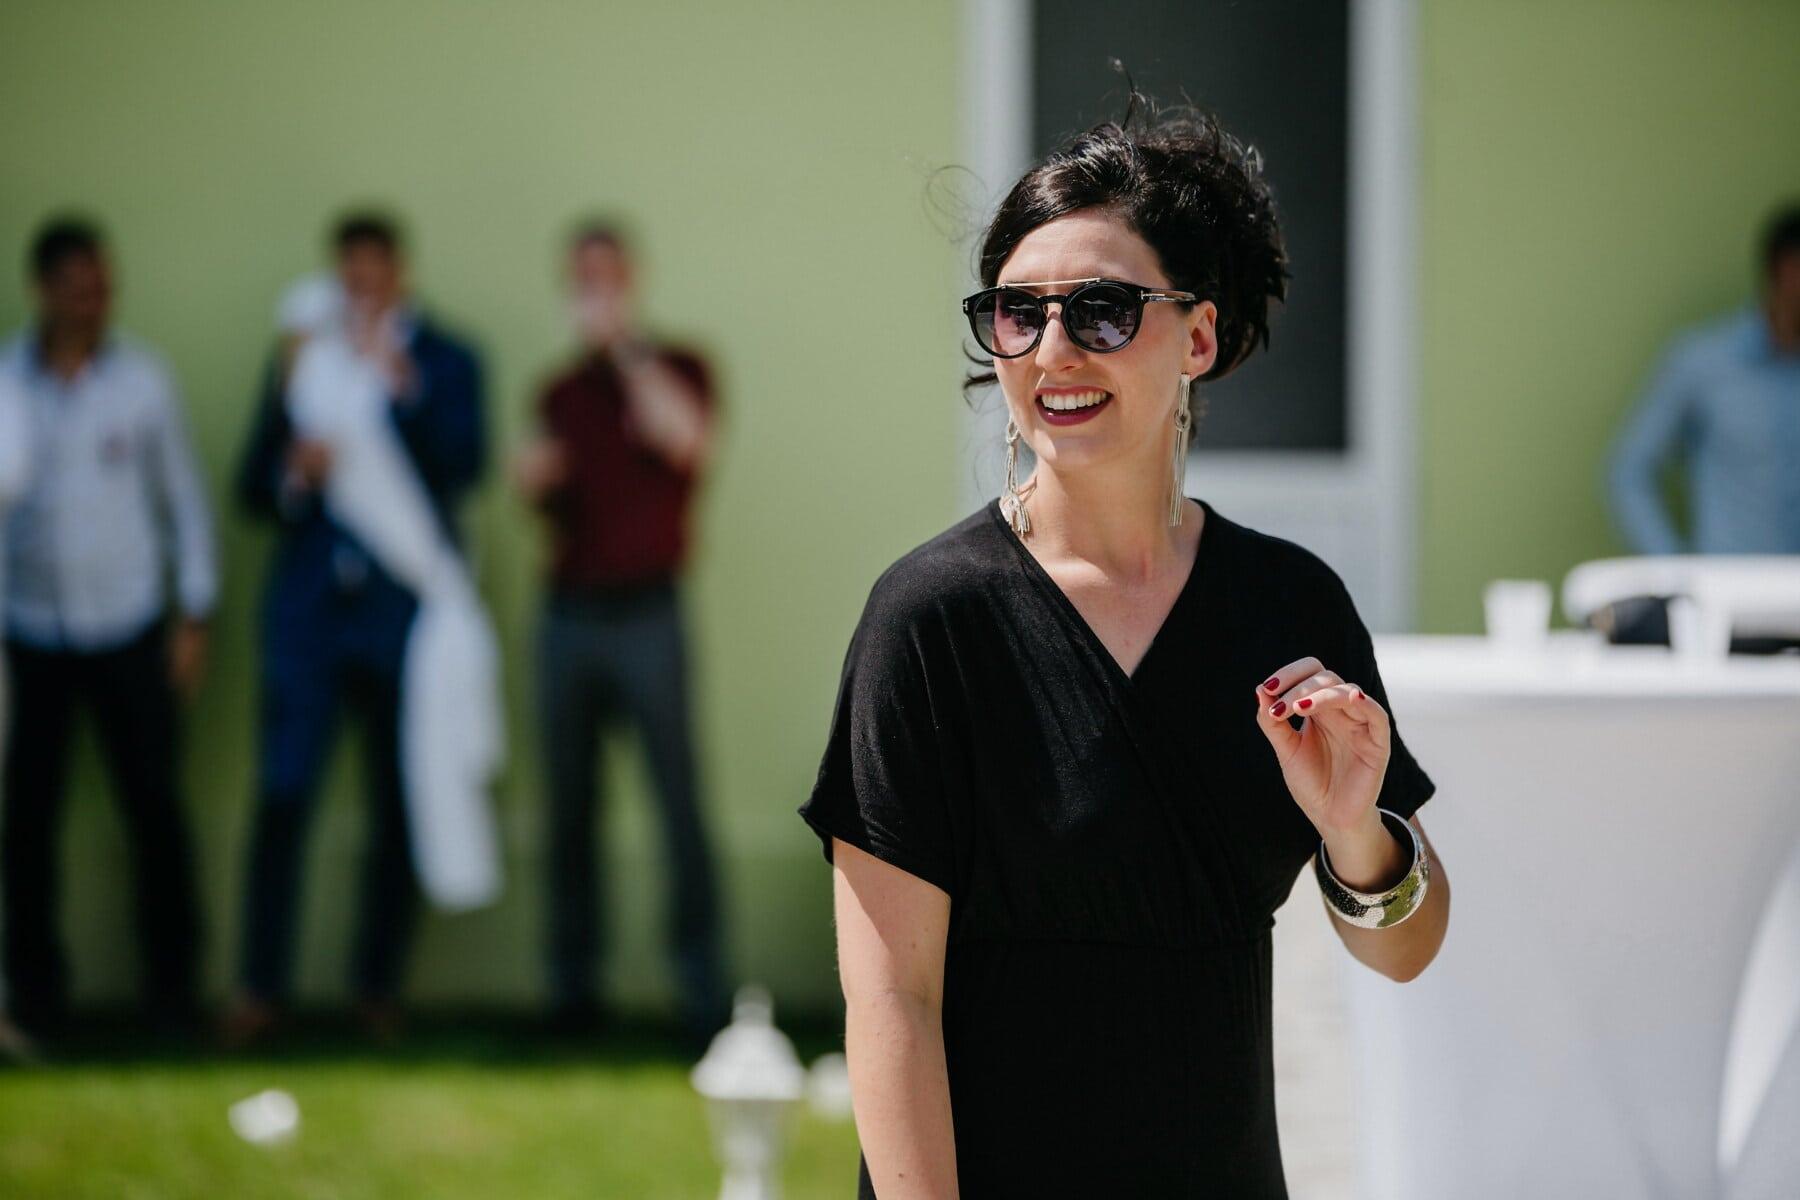 Schwarz, Kleid, Gutaussehend, junge Frau, Haare, Sonnenbrille, Porträt, Lächeln auf den Lippen, Person, Frau